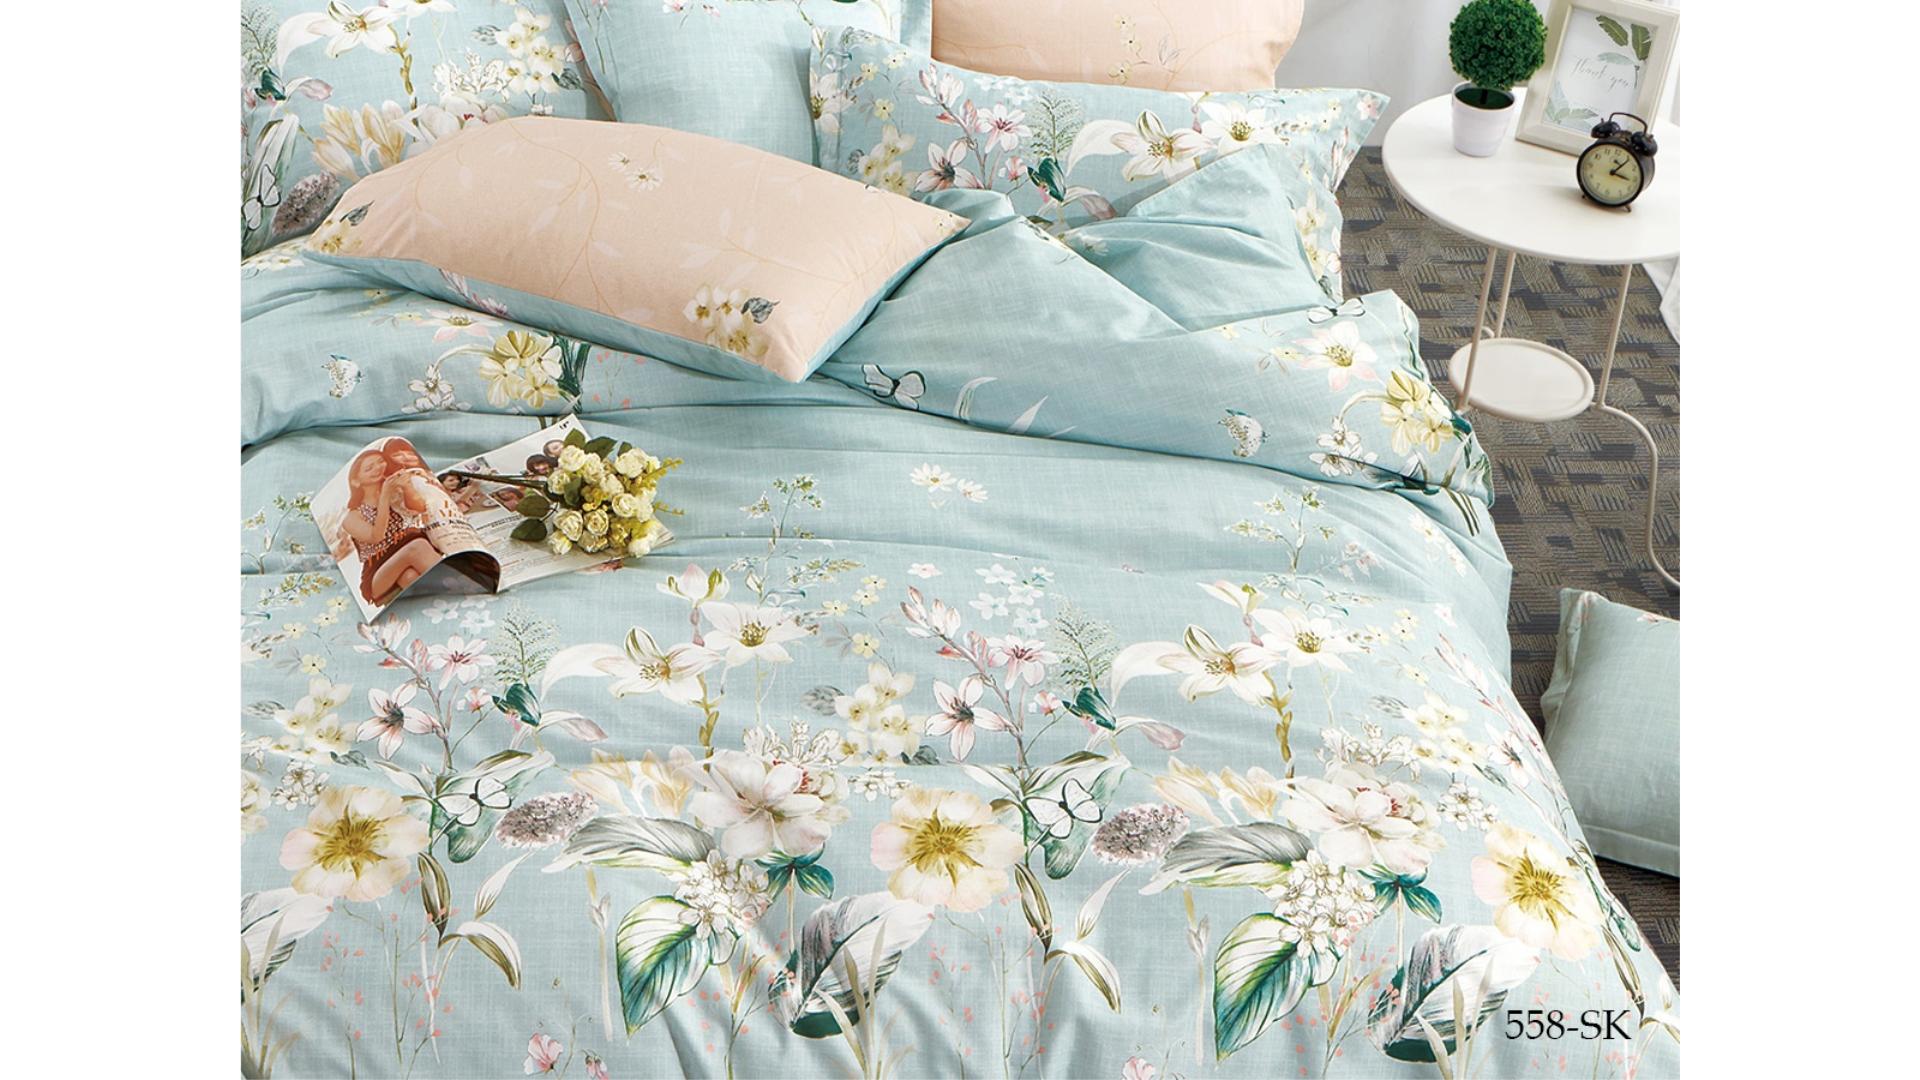 Комплект постельного белья CLEO (SK-558) фото FullHD (0)